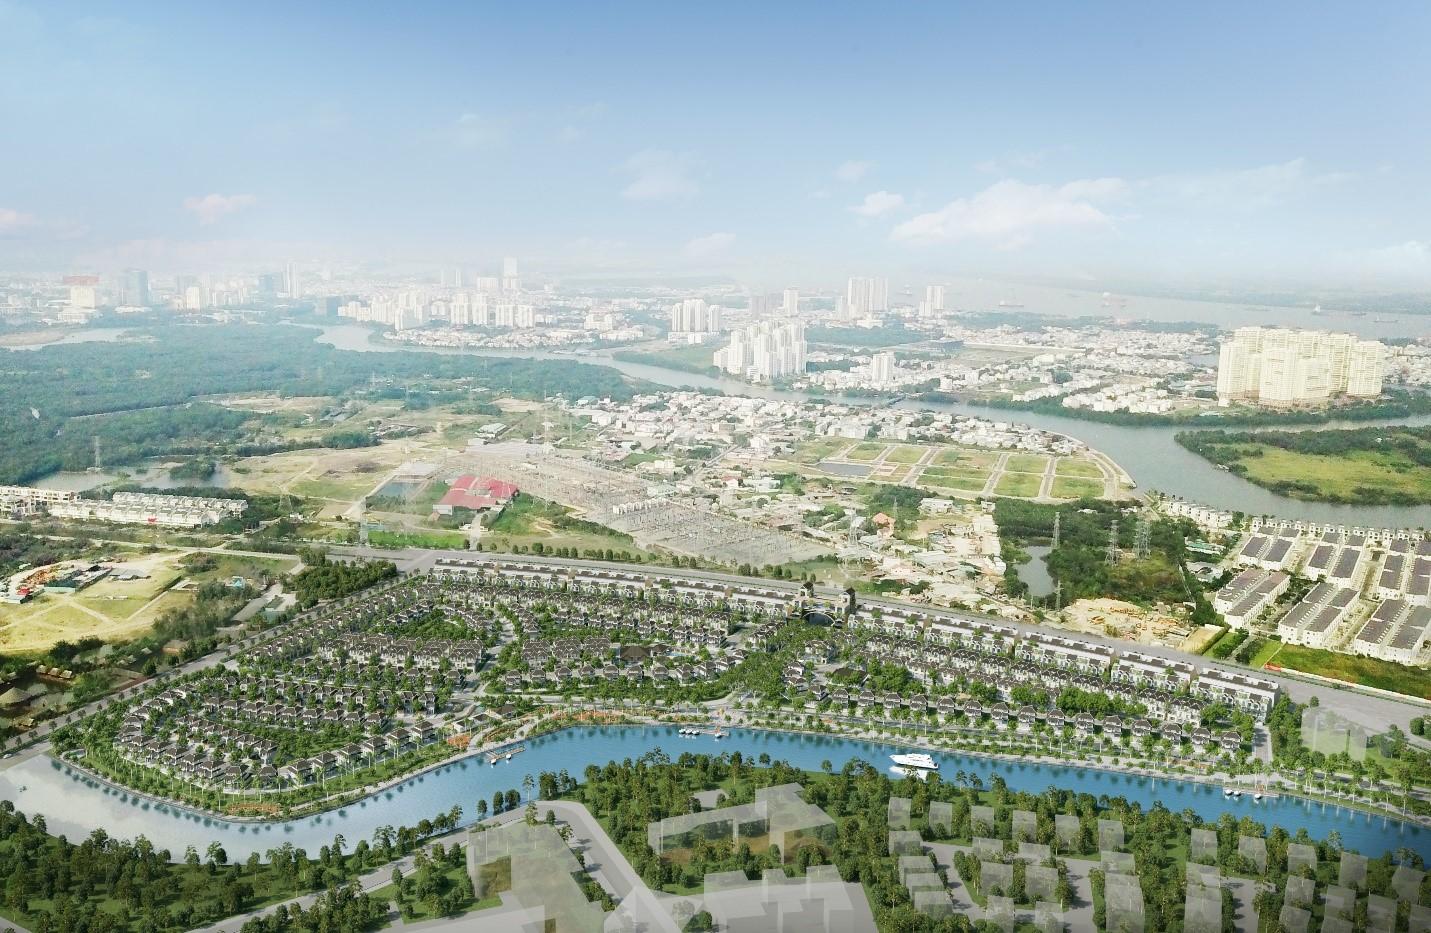 Nhờ quy hoạch tốt, cư dân zeit RIVER COUNTY 1 sẽ được hưởng nhiều ưu thế về giao thông